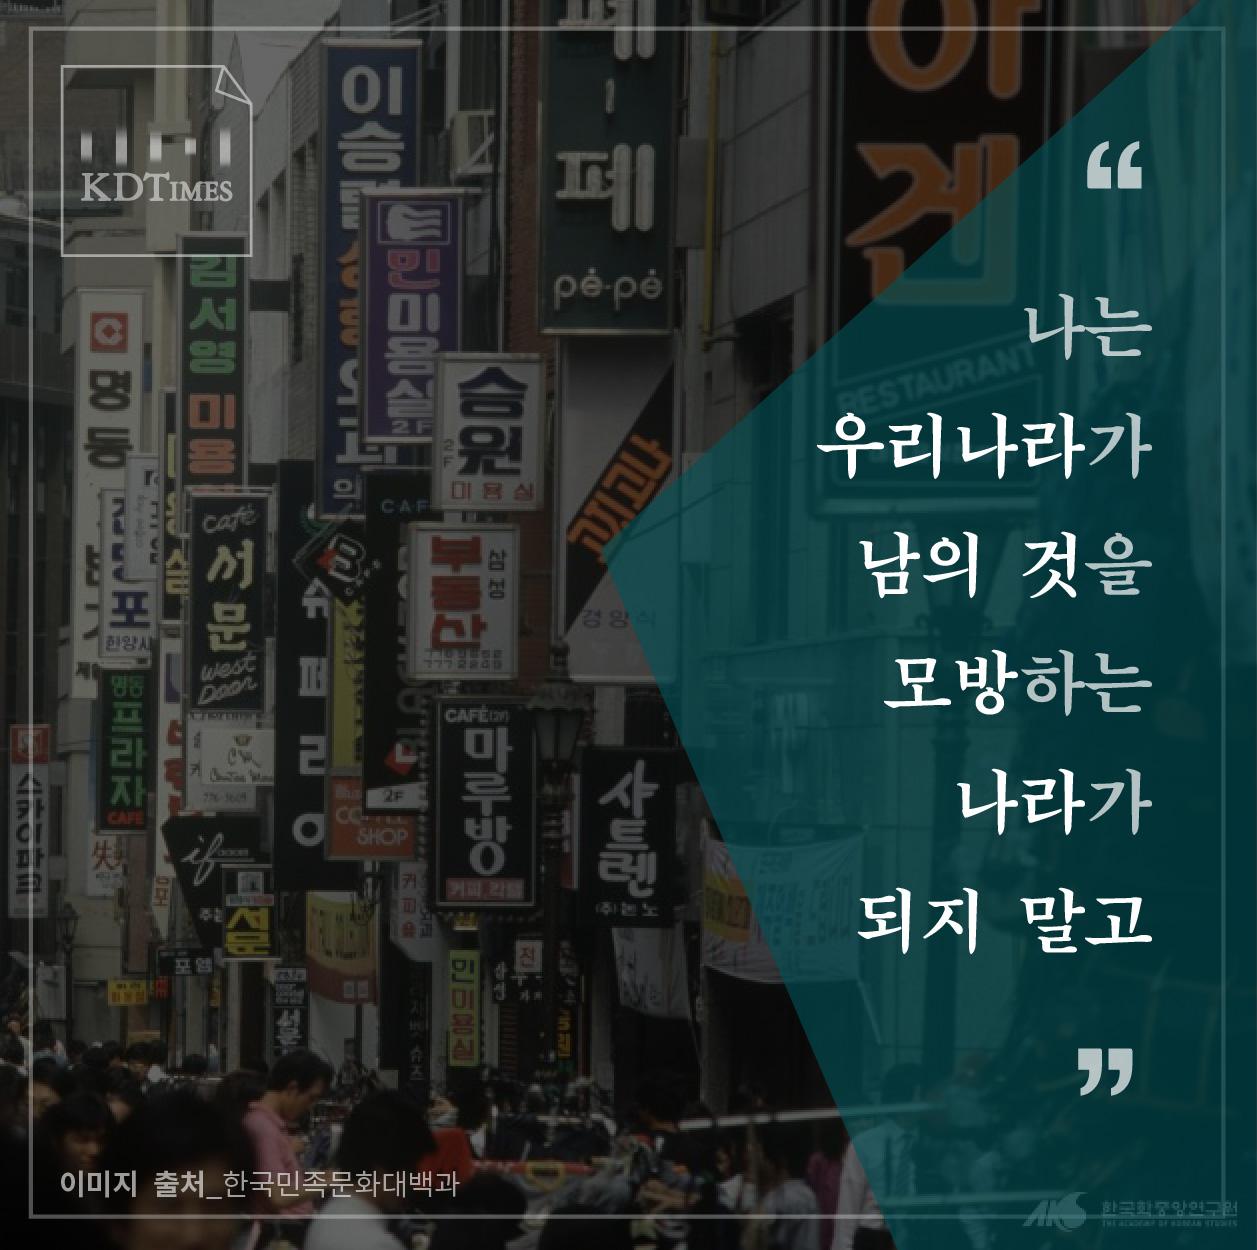 180327 김구의코리안드림-09.jpg